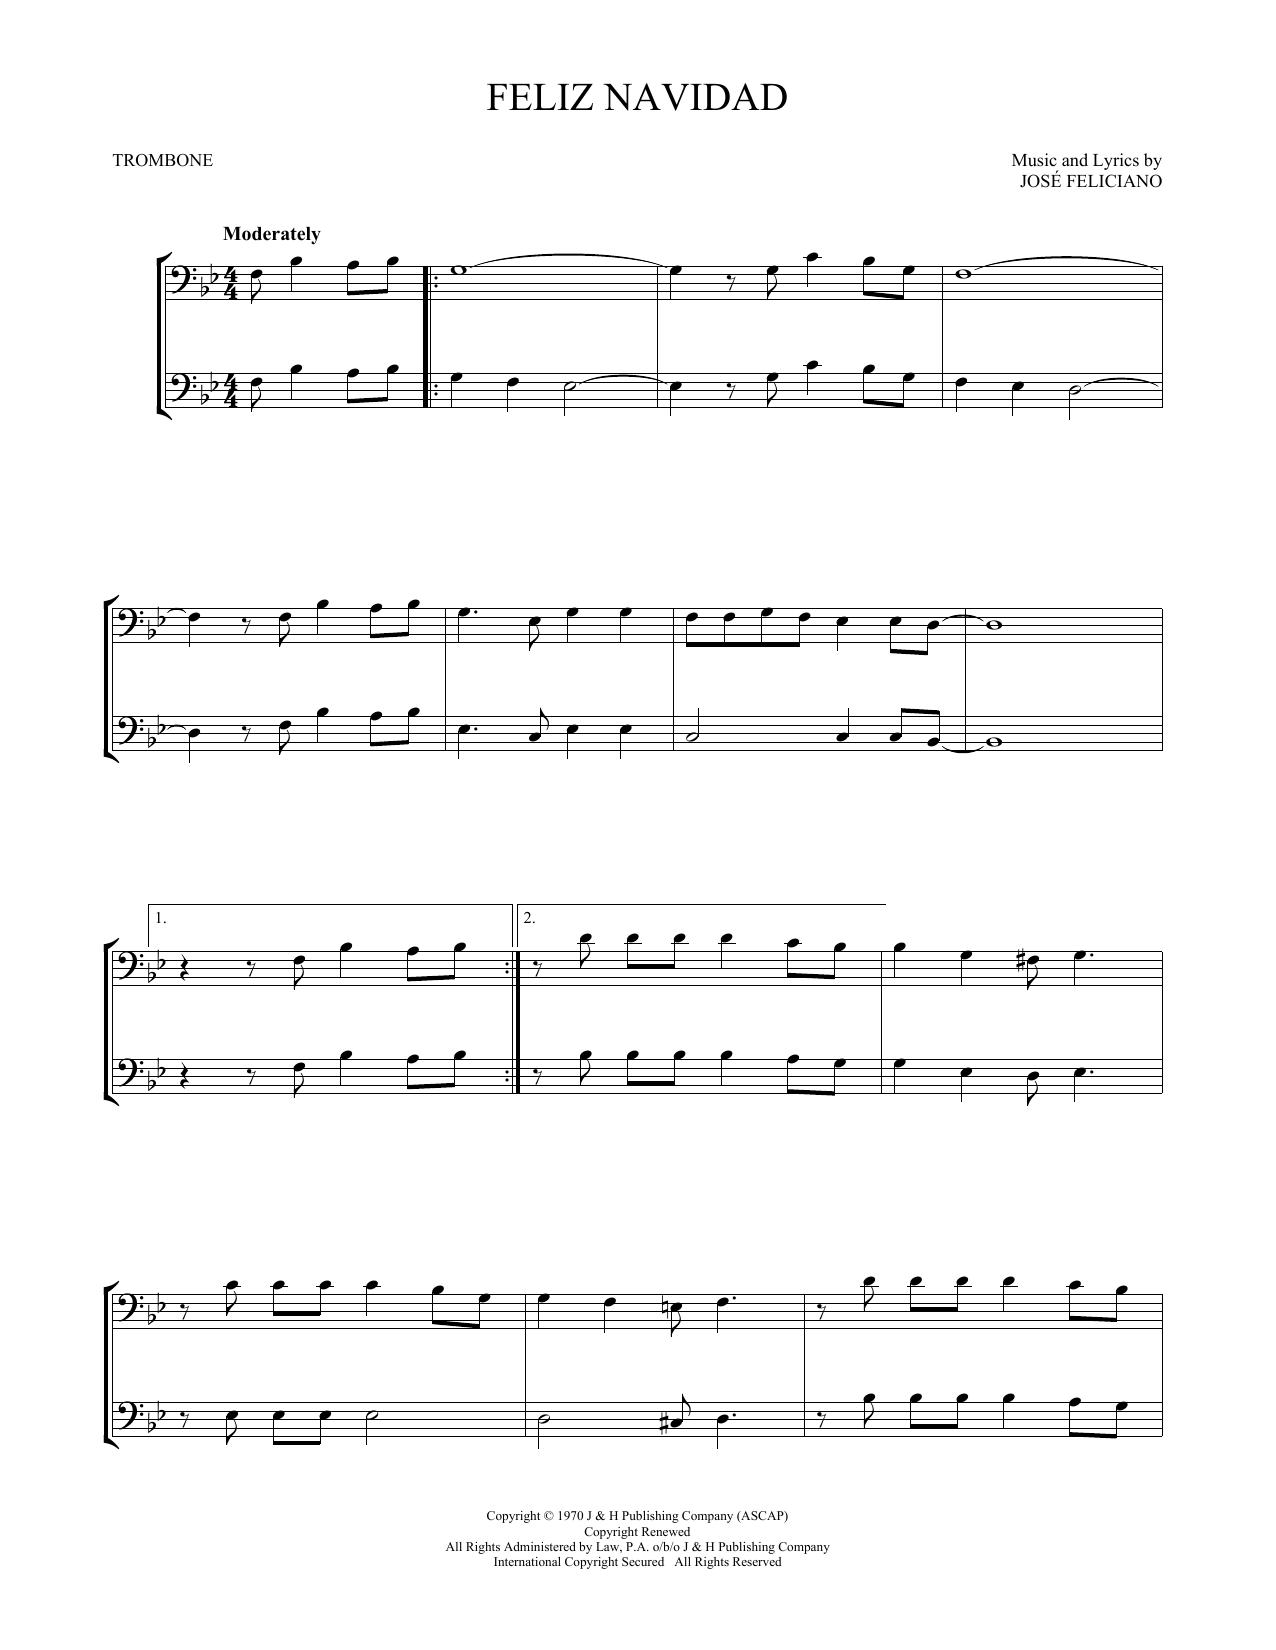 Prima Music - Sheet Music, Songbooks, Methods, Teaching Aids - Music ...